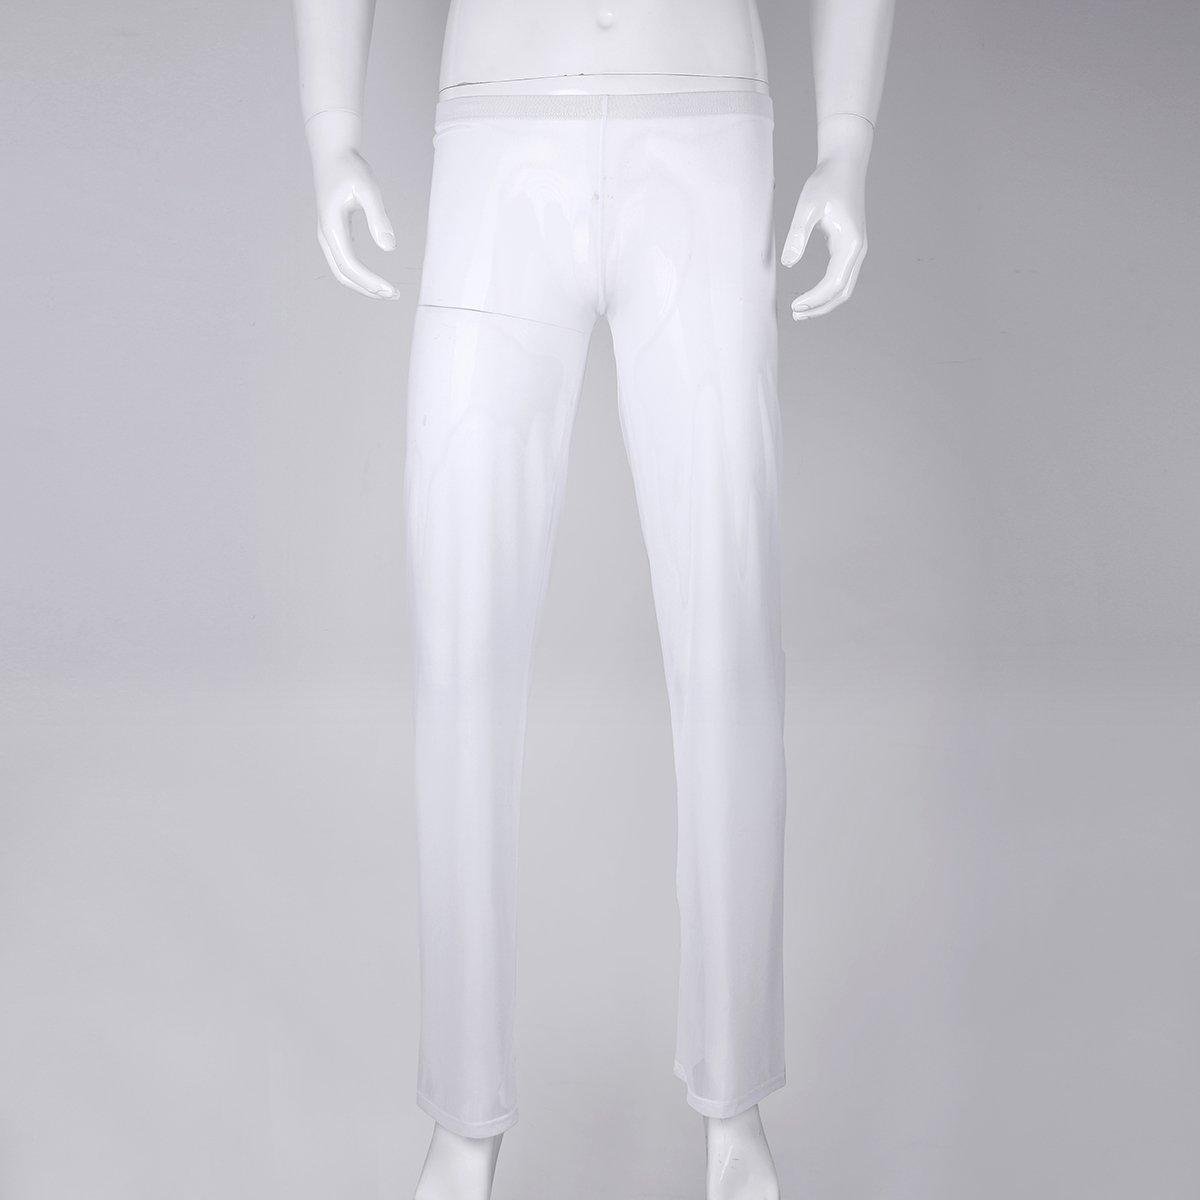 74edbaaadf54a iixpin Homme Pantalon Vêtement de Sport Demi Transparent Lingerie de Nuit  Bas de Pyjama Lâche Fitness Sexy Yoga Pyjamas de Pantalon Bar Pub sous- vêtement ...